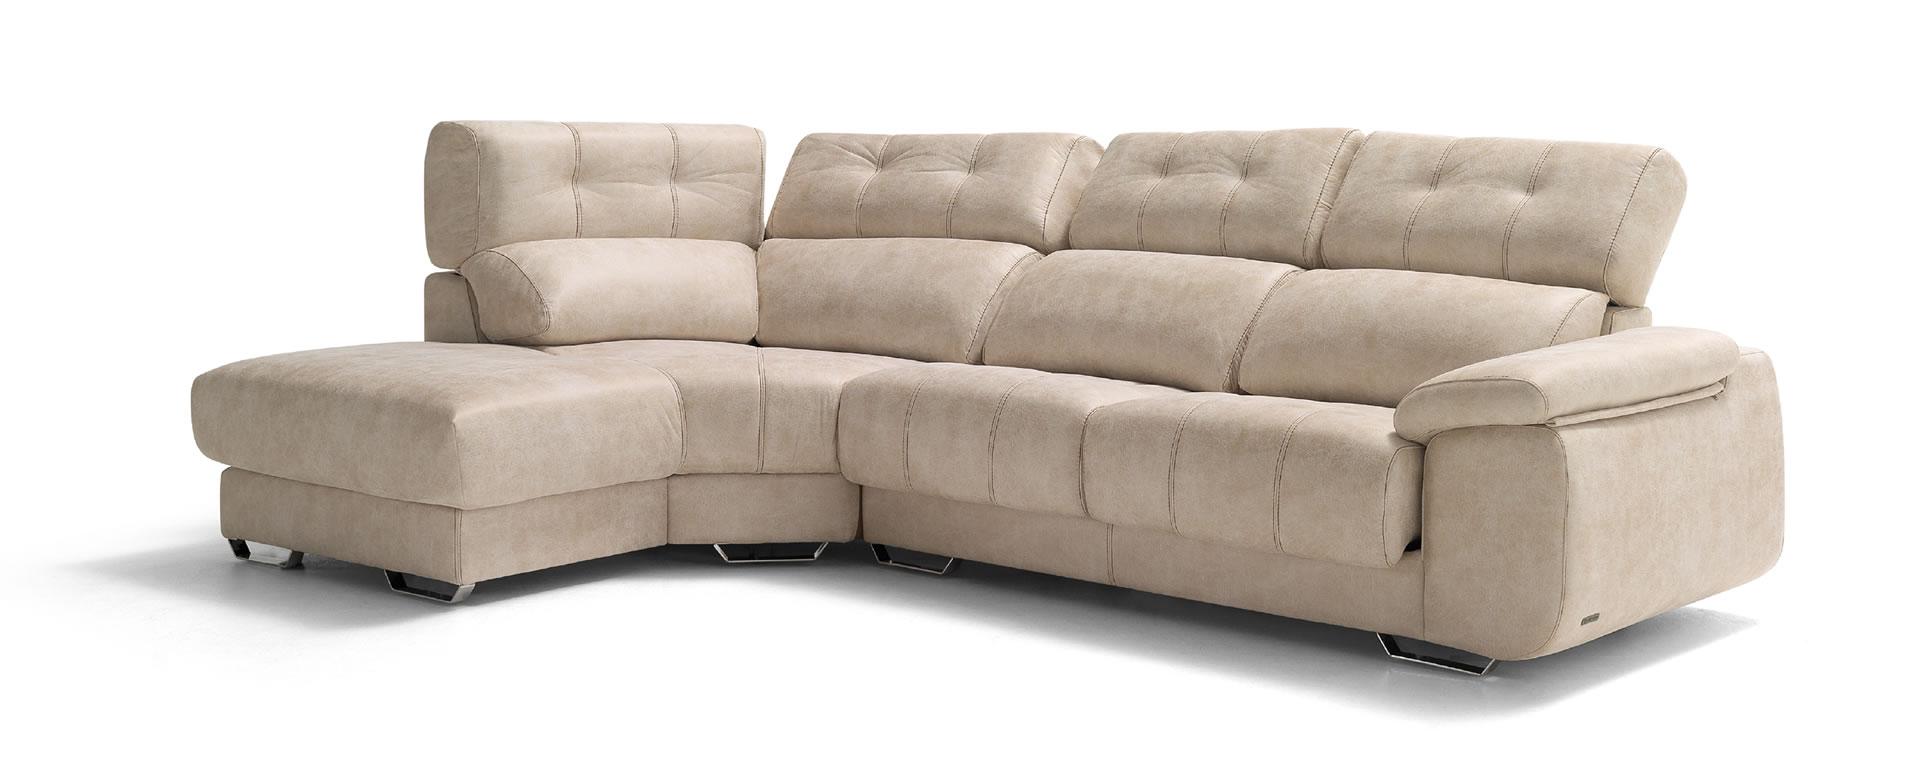 Muebles bautista obtenga ideas dise o de muebles para su for Bautista muebles y decoracion